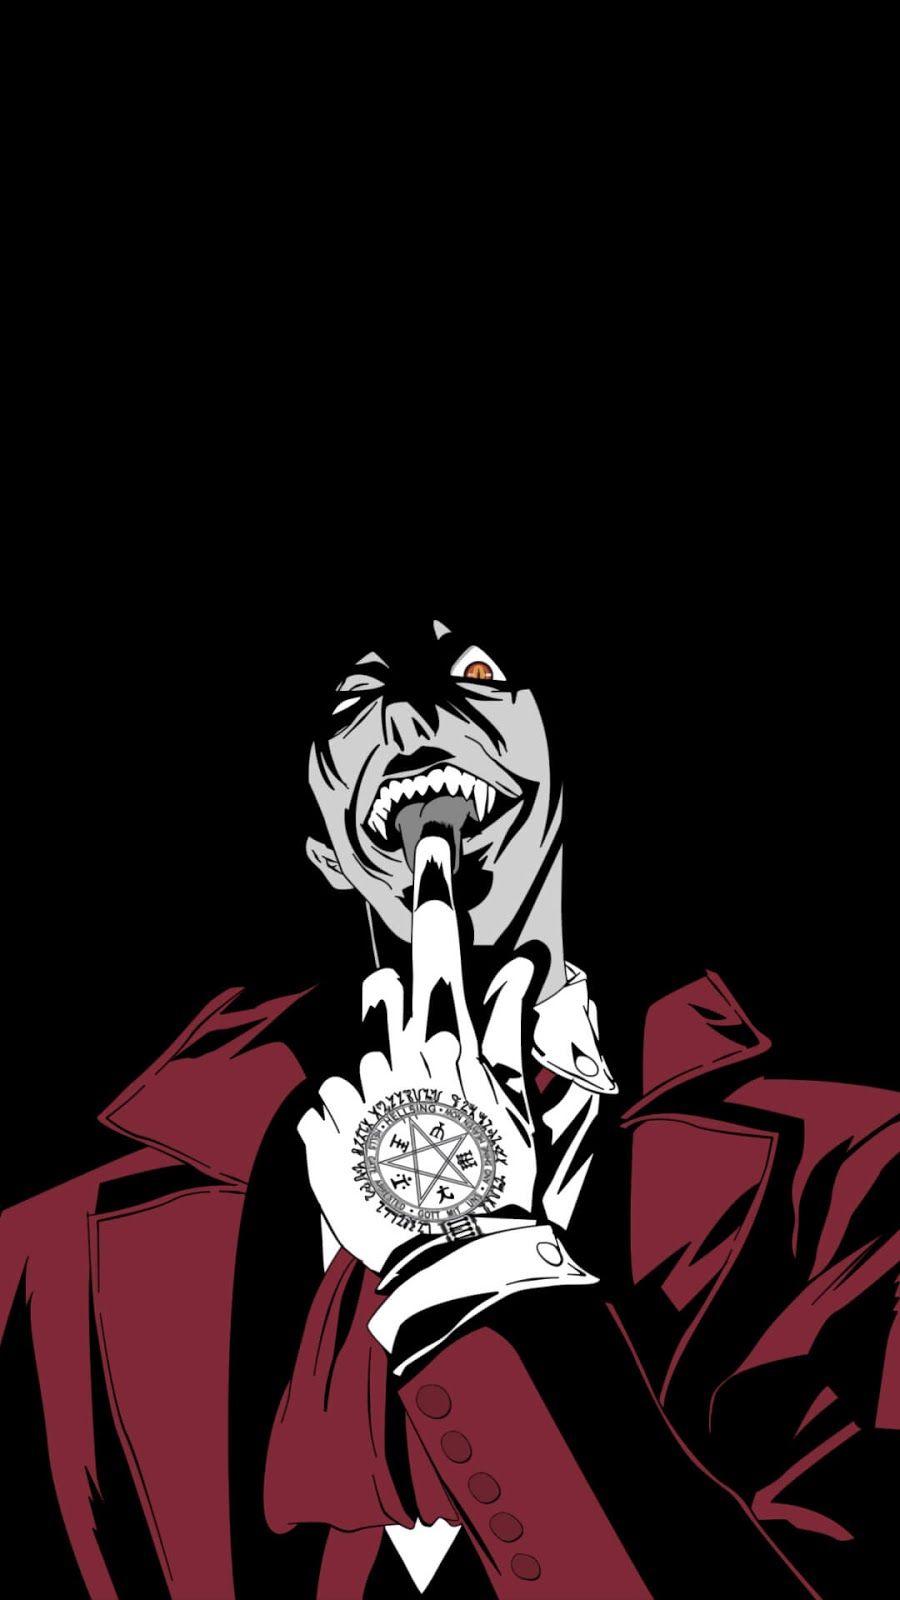 Alucard Hellsing Wallpaper Hellsing Alucard Dark Anime Anime Wallpaper 1920x1080